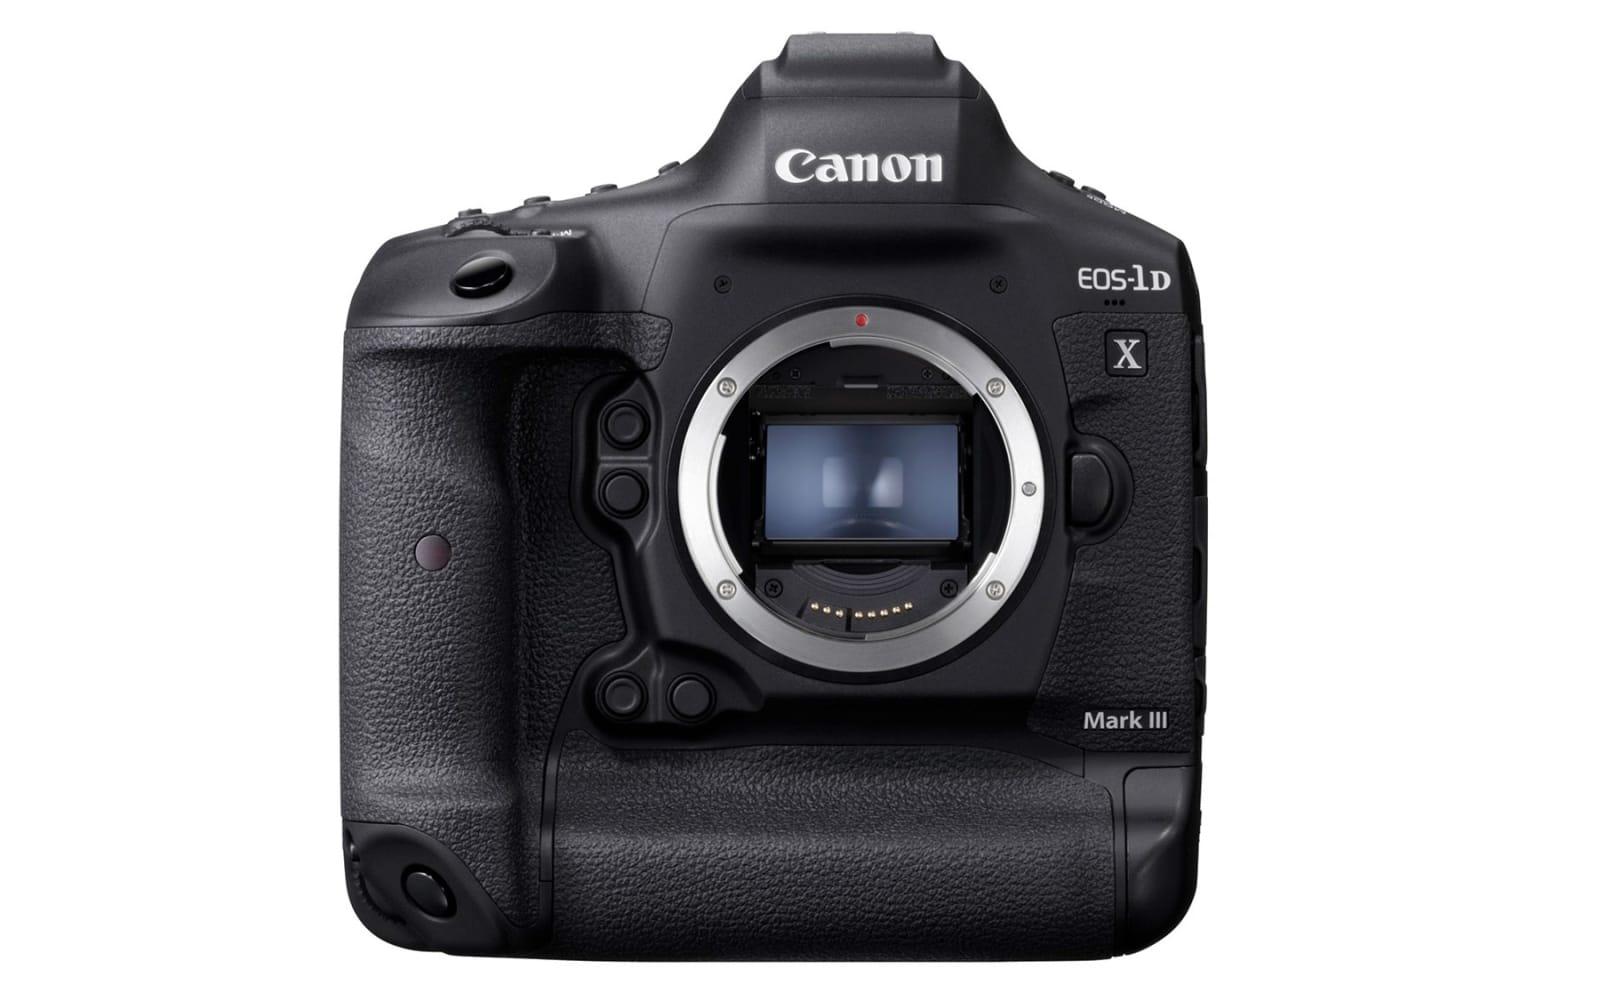 Canon EOS-1D X Mark III full-frame DSLR development